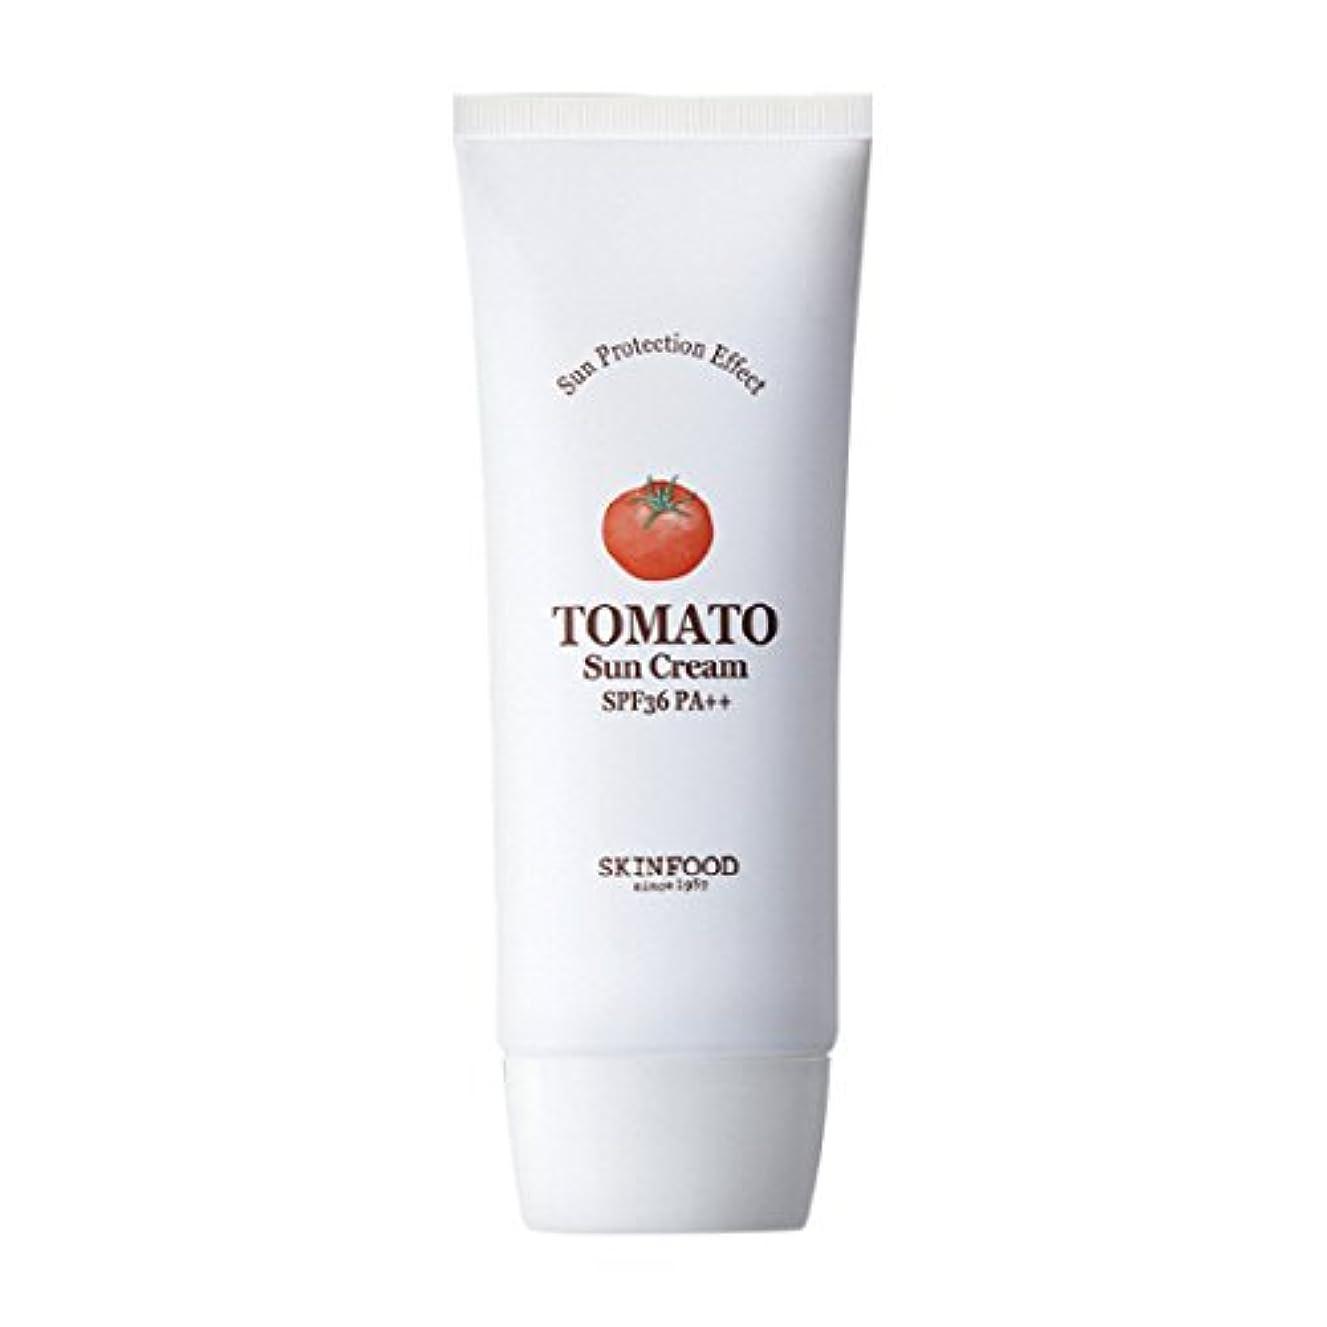 温度パトワ預言者Skinfood トマトサンクリームSPF 36 PA ++(UVプロテクション) / Tomato Sun Cream SPF 36 PA++ (UV Protection) 50ml [並行輸入品]